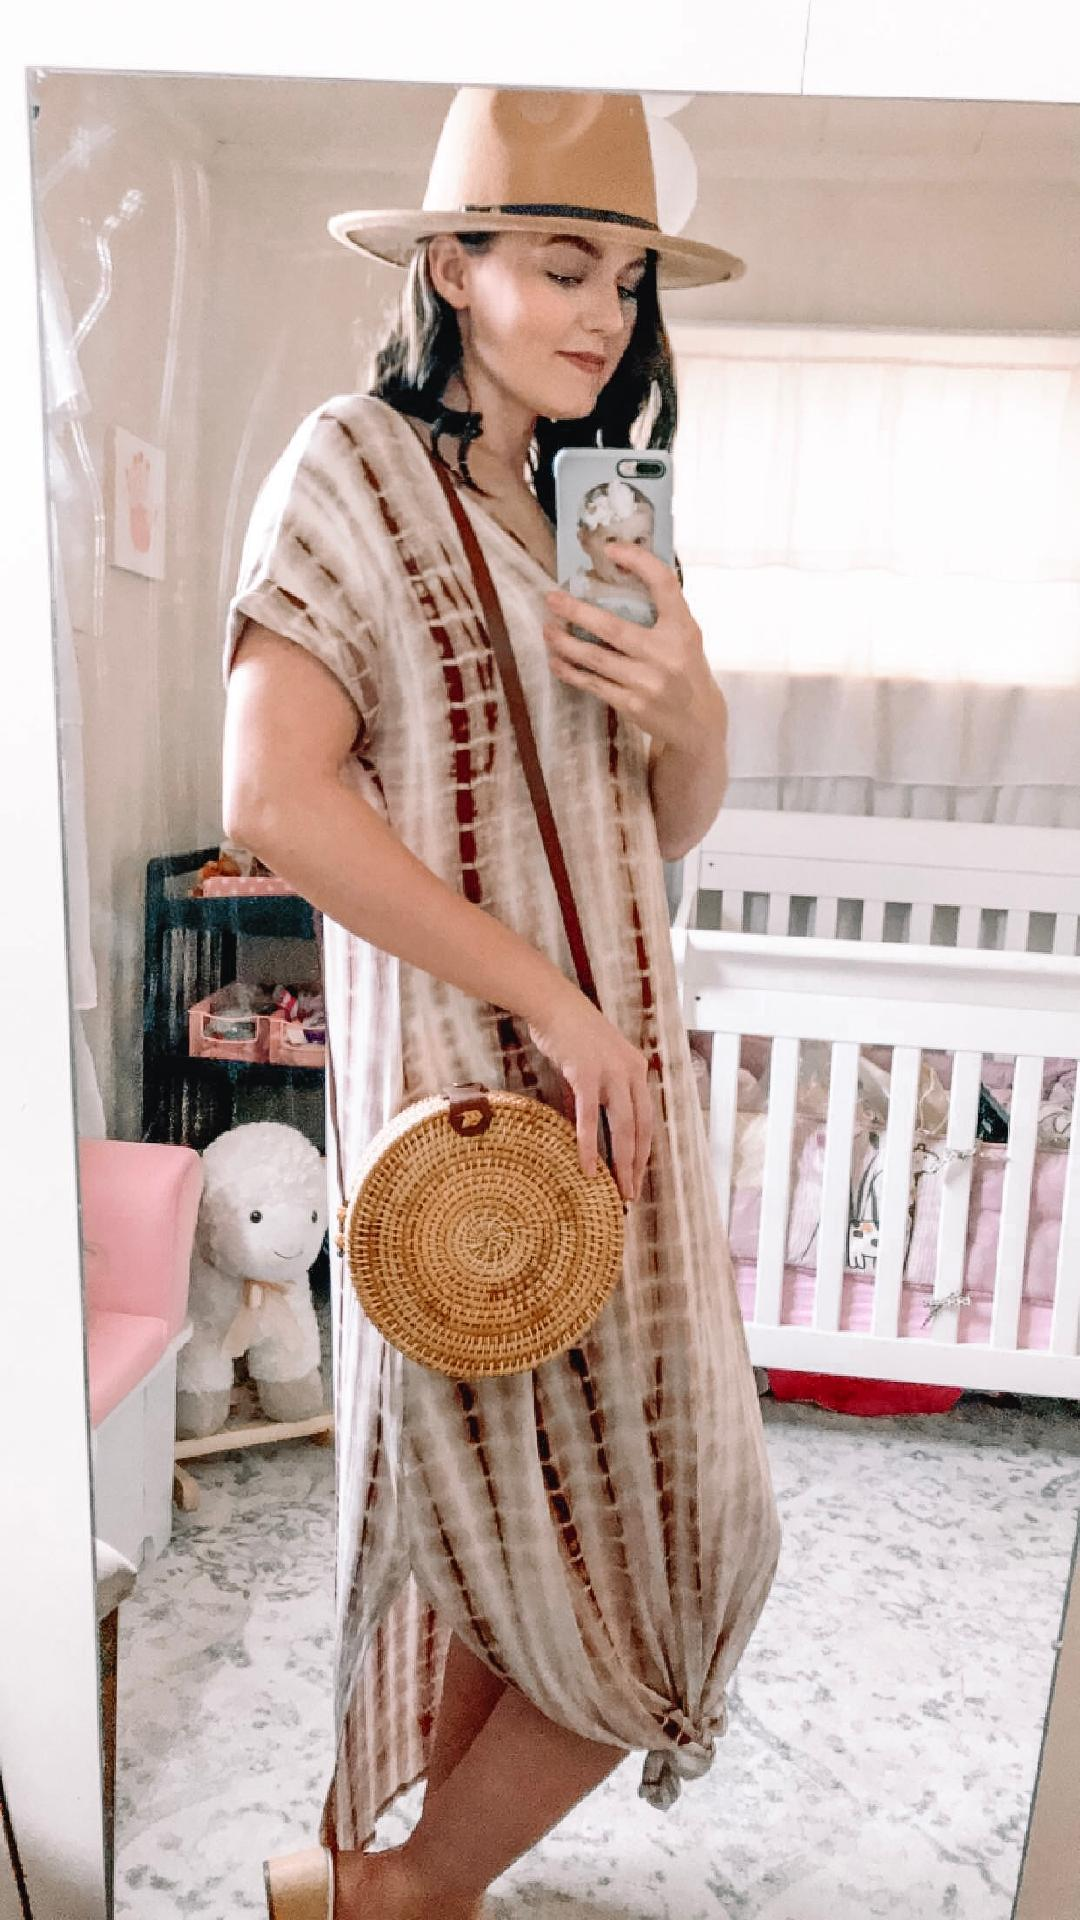 purse and hat.jpeg